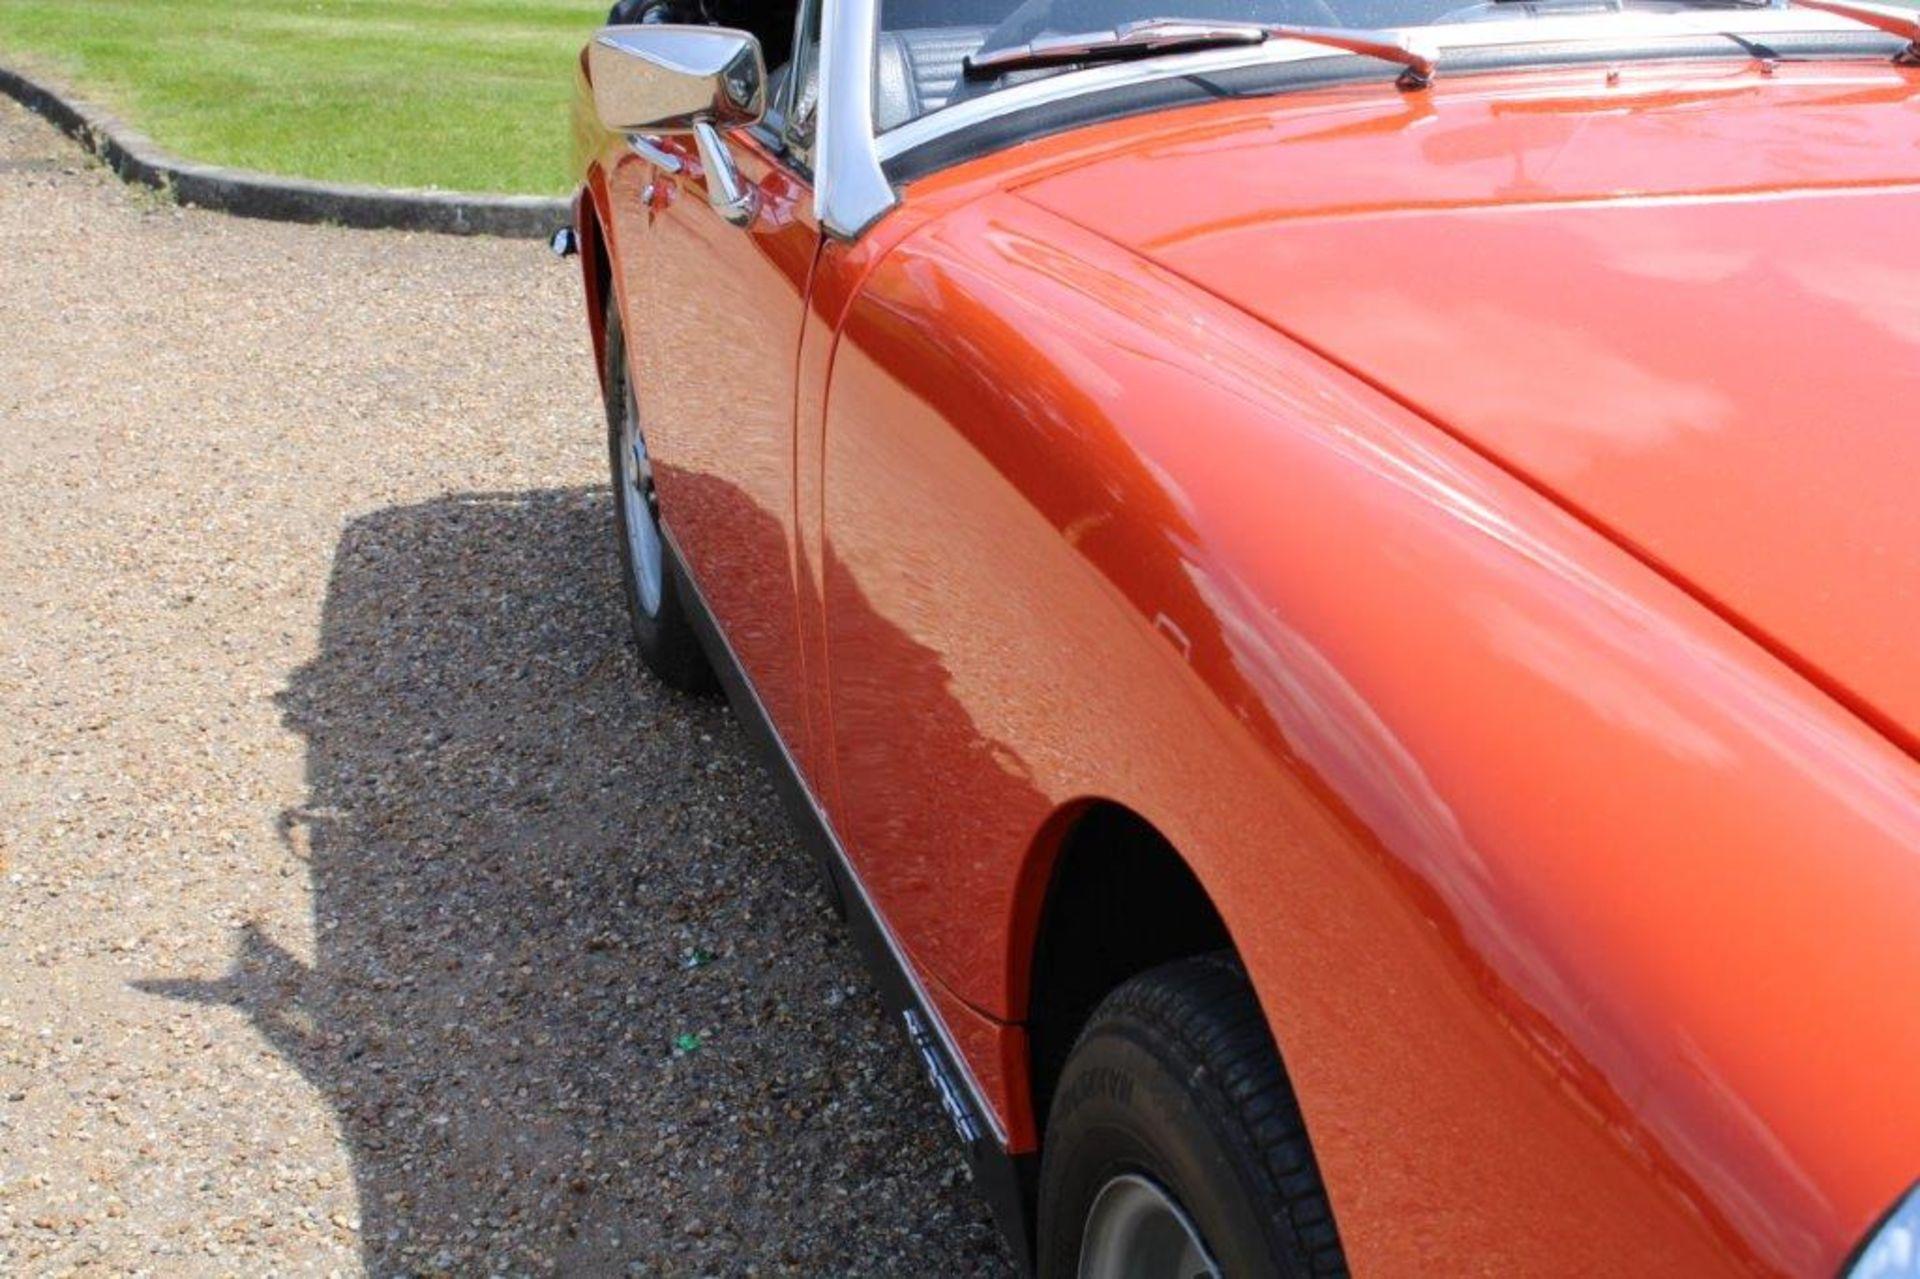 1974 MG Midget MK III - Image 11 of 30